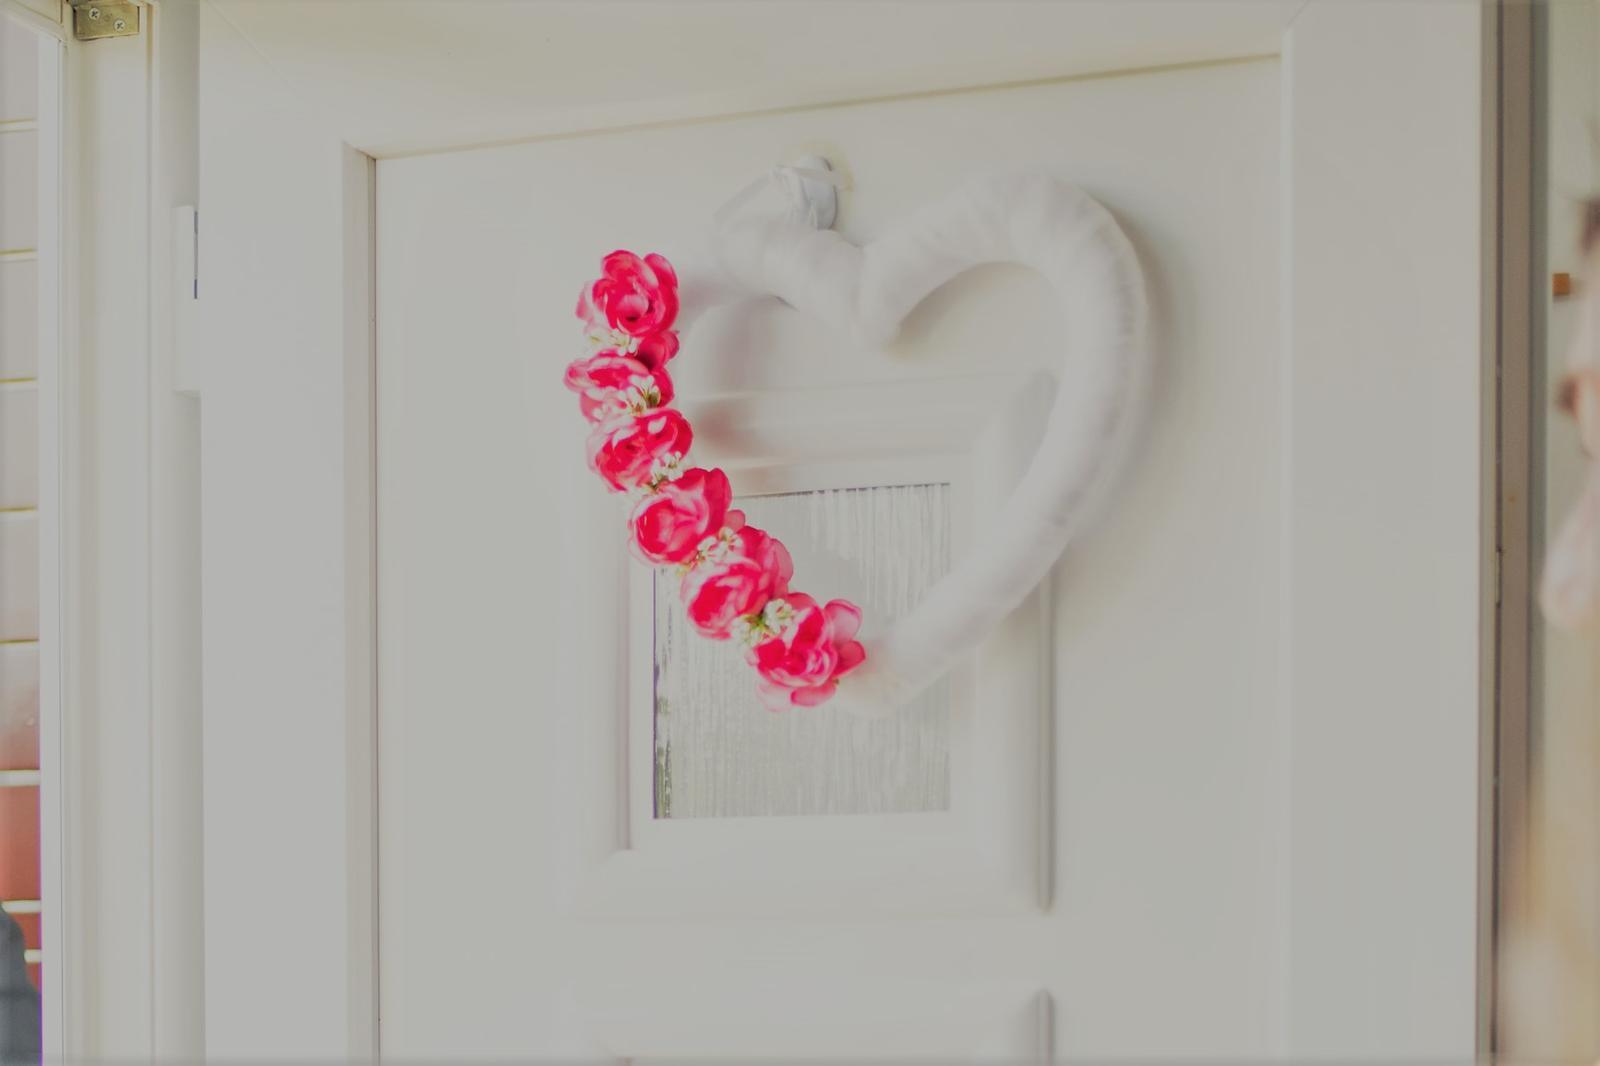 Srdce na dvere - Obrázok č. 1